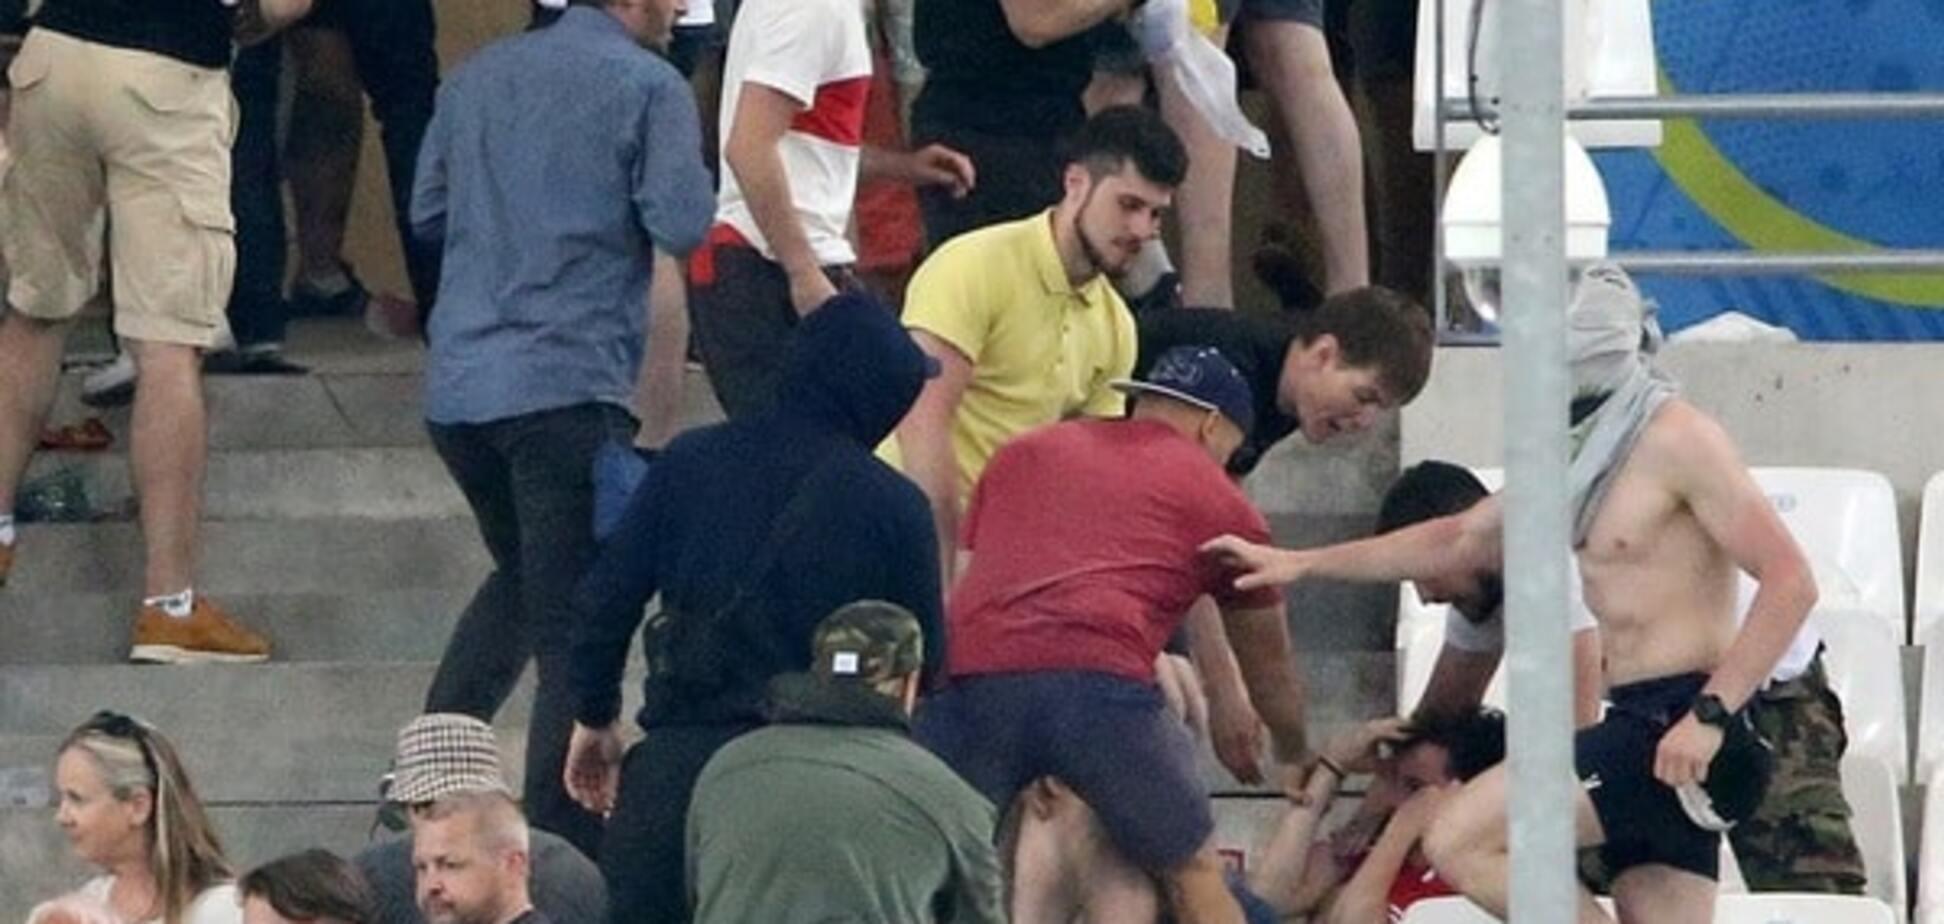 Драка болельщиков на матче Англия - Россия